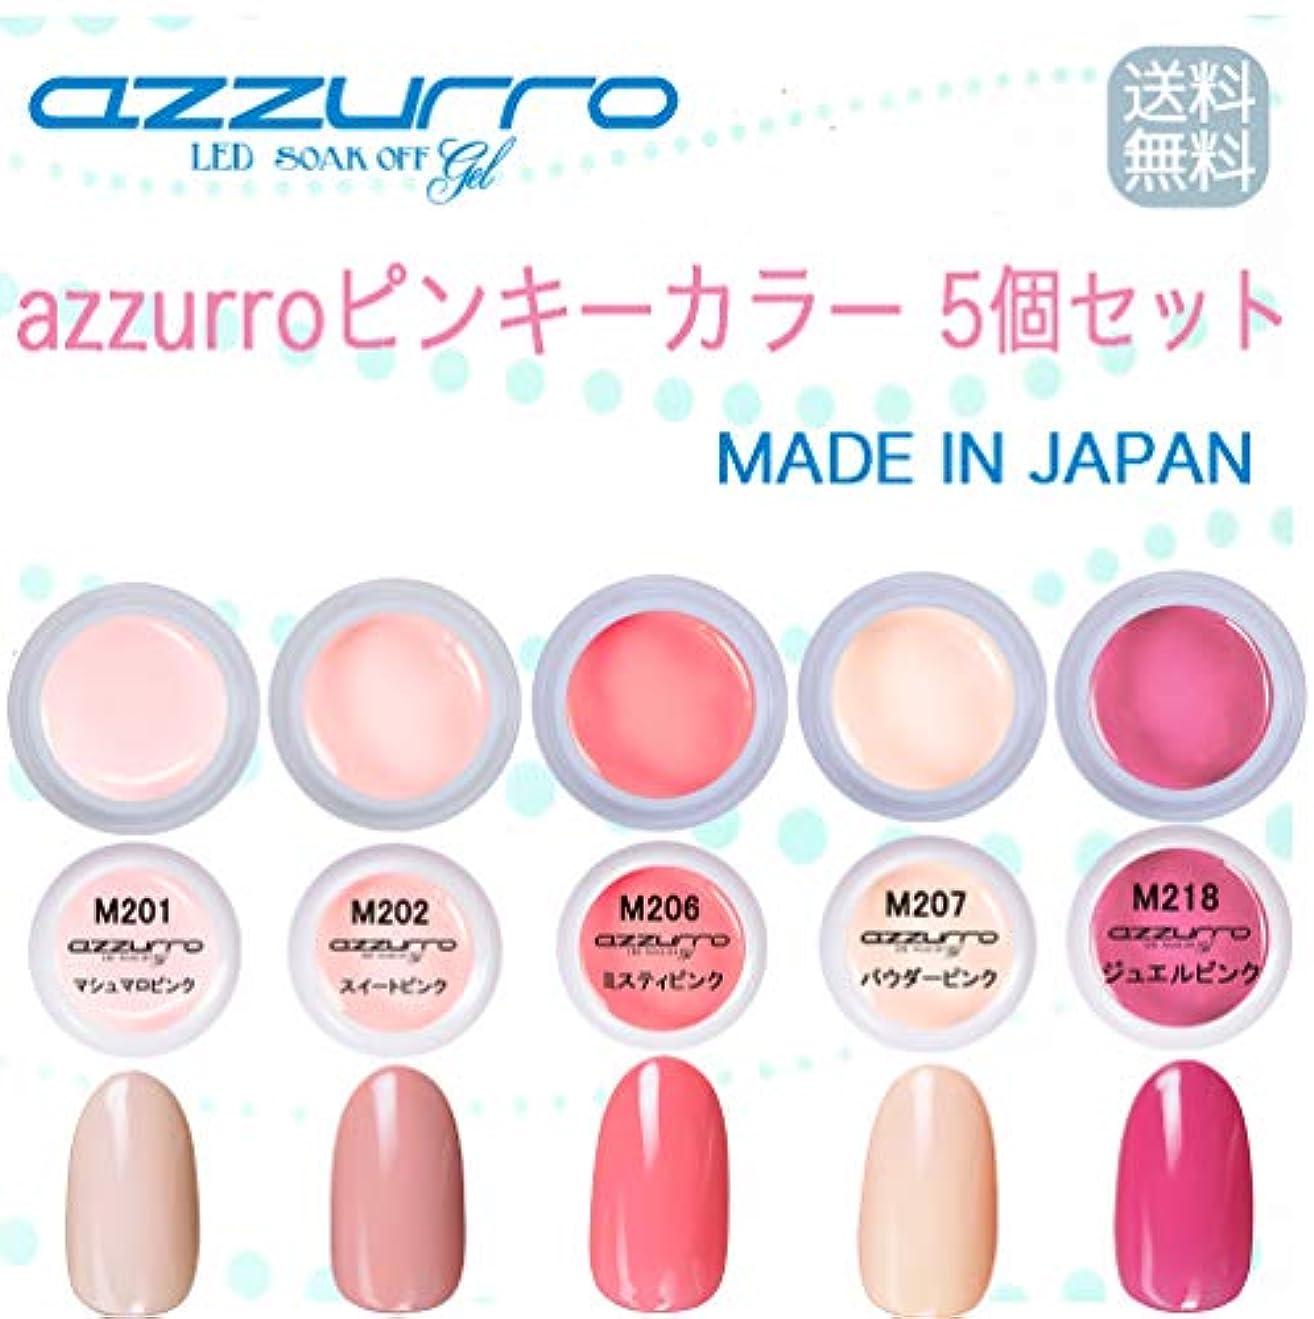 高度道徳ジャム【送料無料】日本製 azzurro gel ピンキーカラー ジェル5個セット ネイルのマストアイテムピンキーカラー